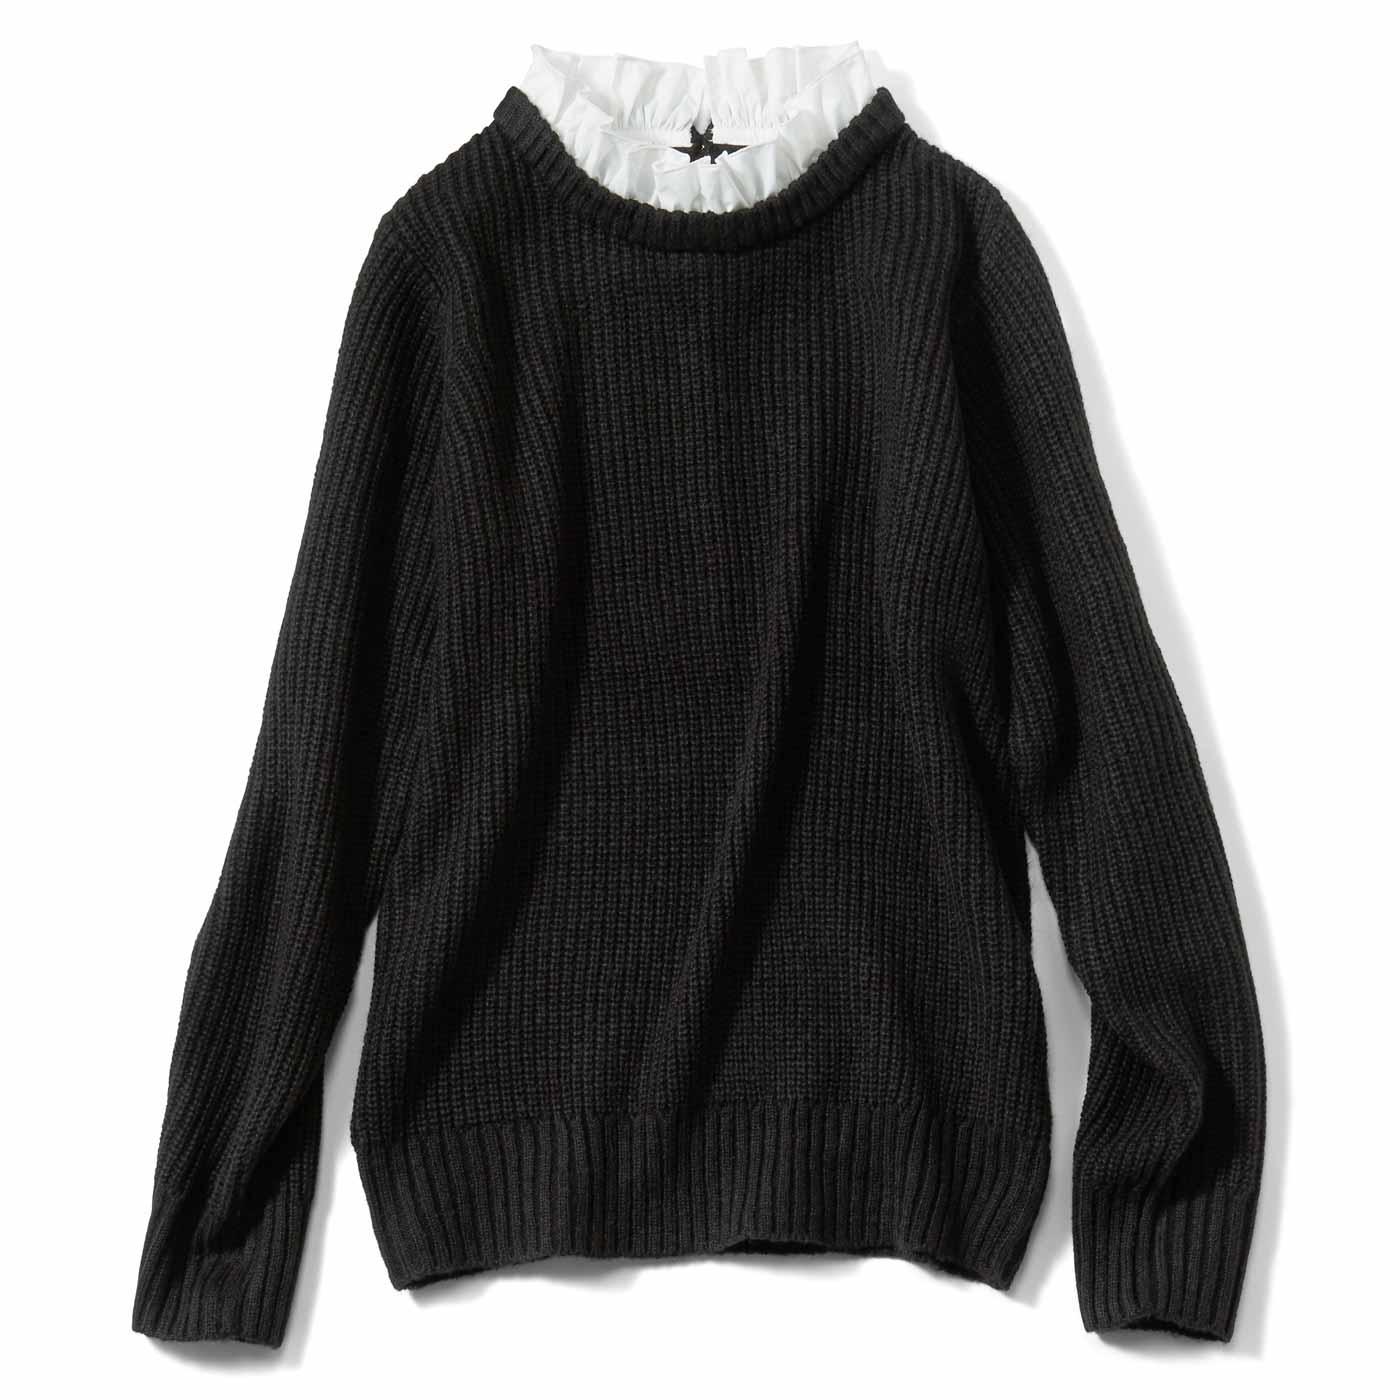 【3~10日でお届け】IEDIT[イディット] フリル衿がドッキングした 軽い着心地のあぜ編みニット〈ブラック〉